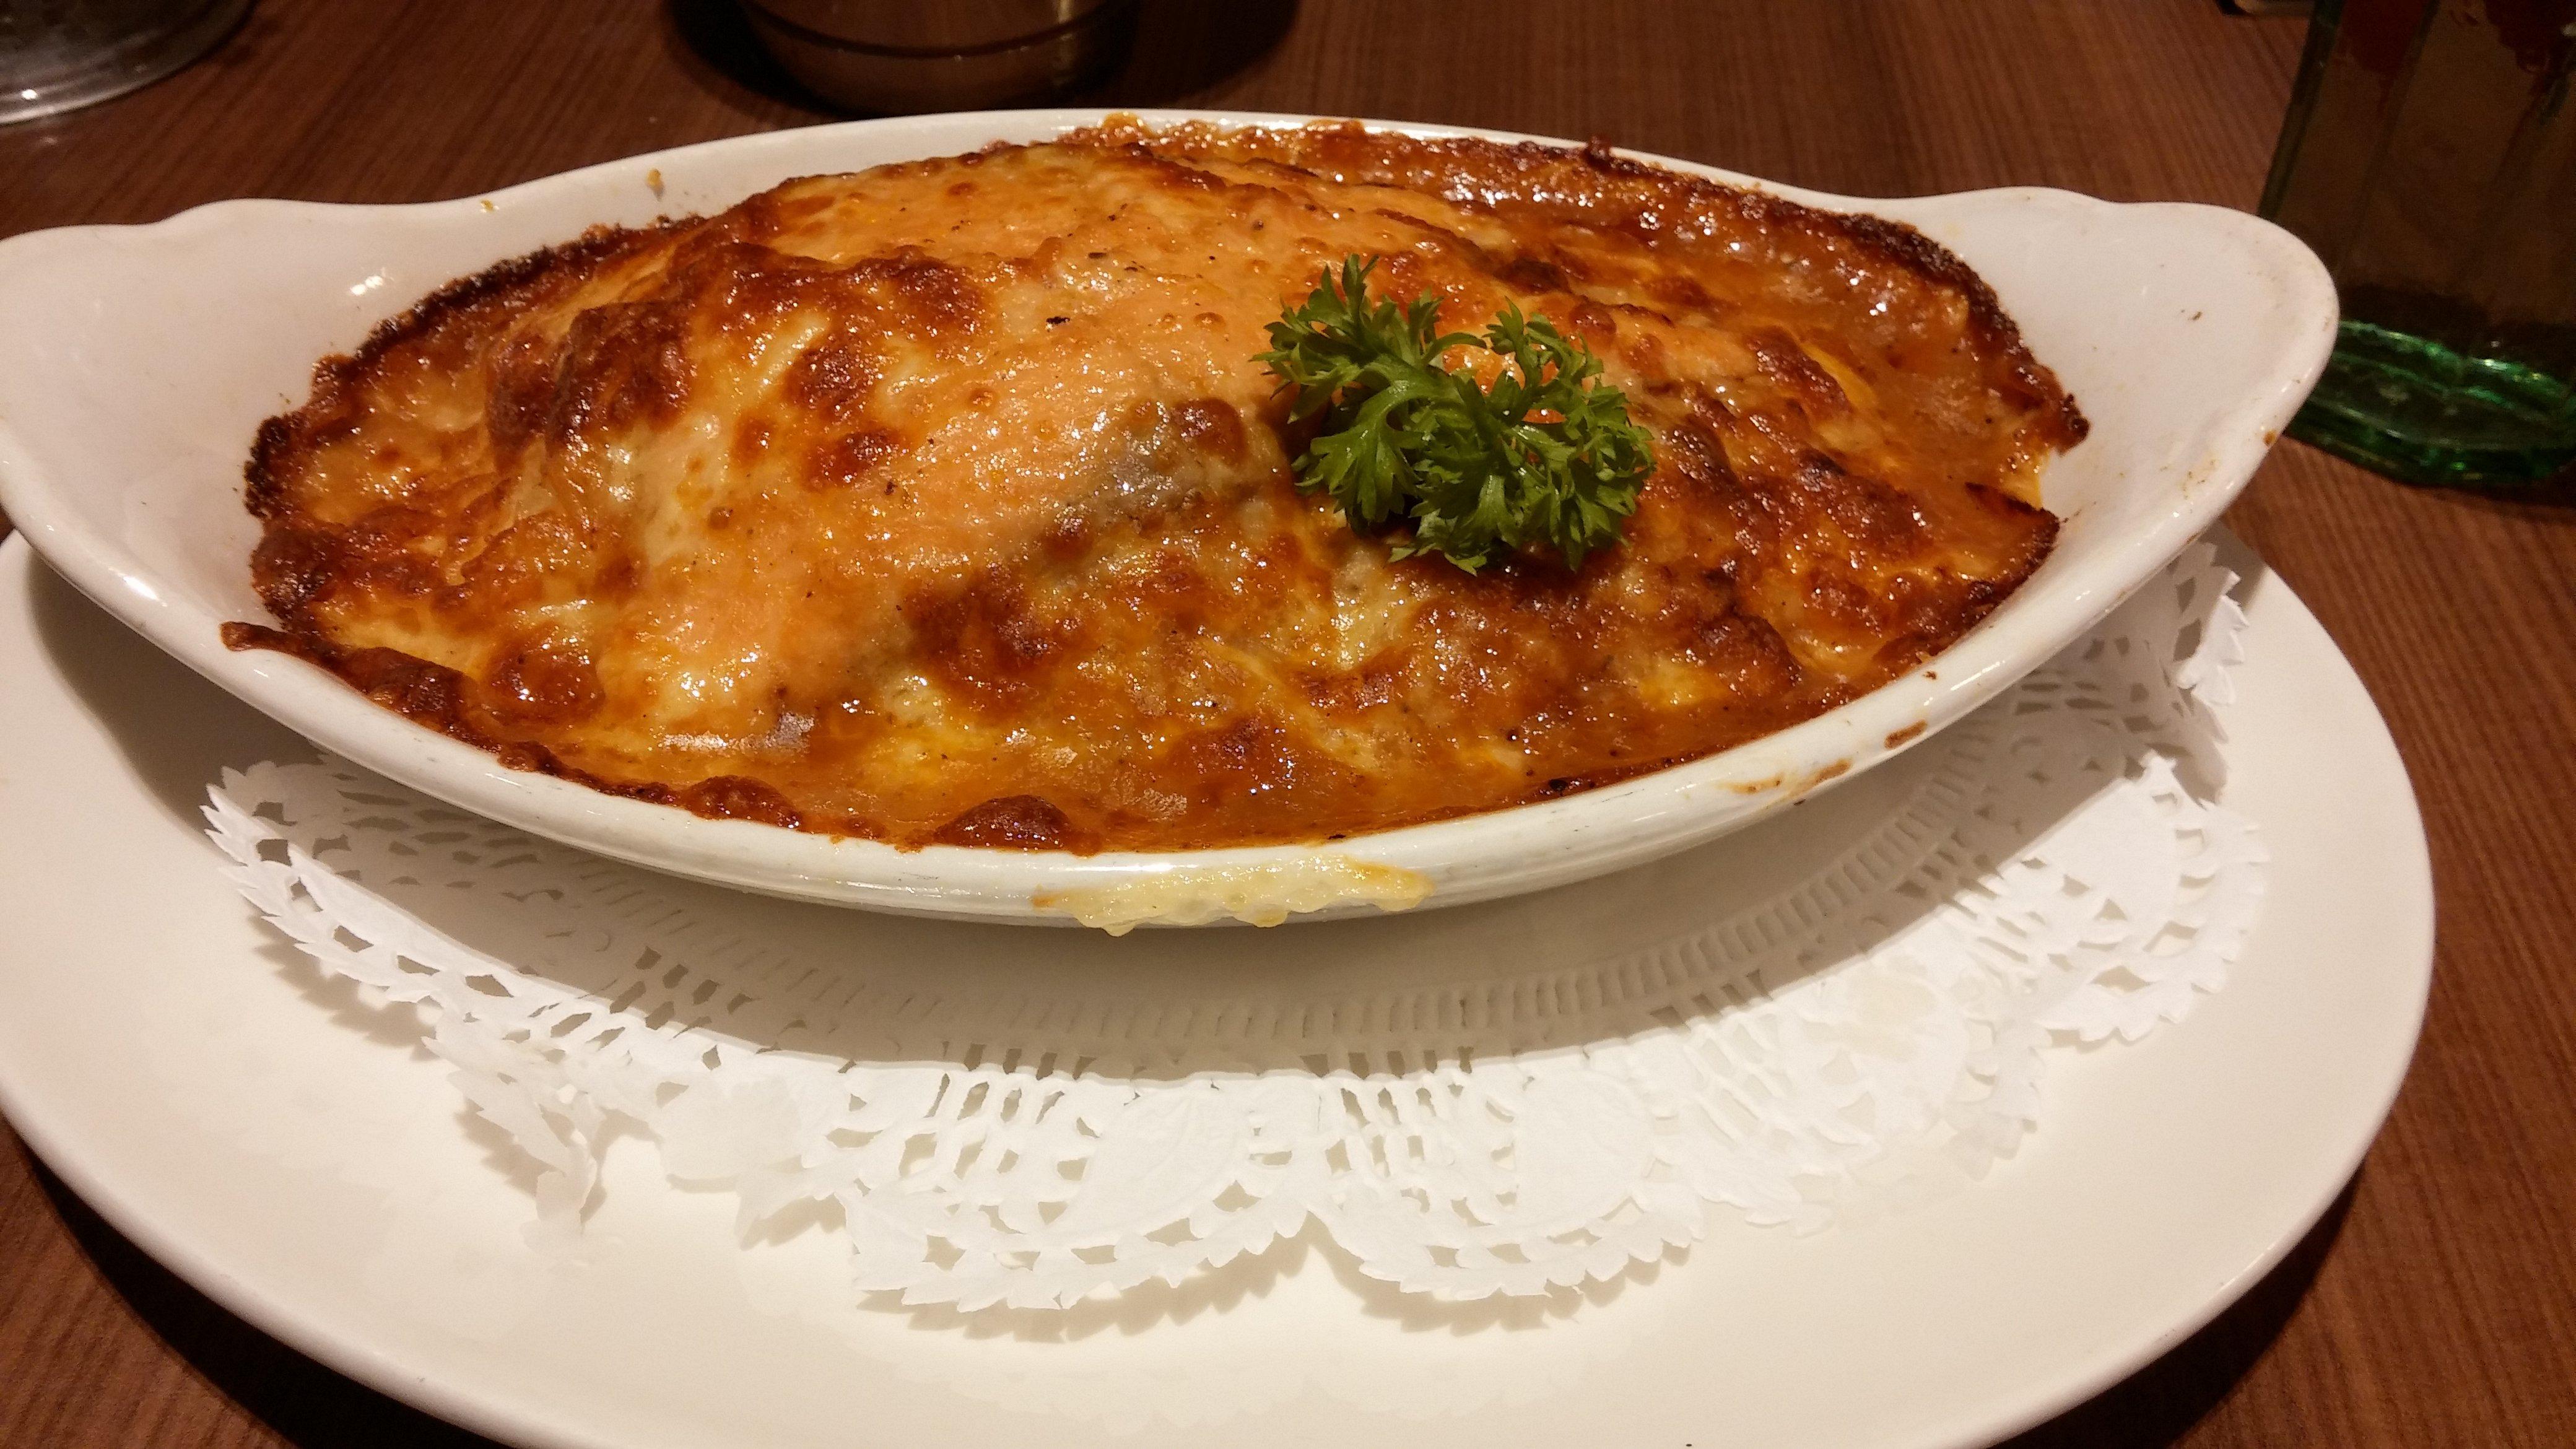 Salmon & Mushroom Baked Rice